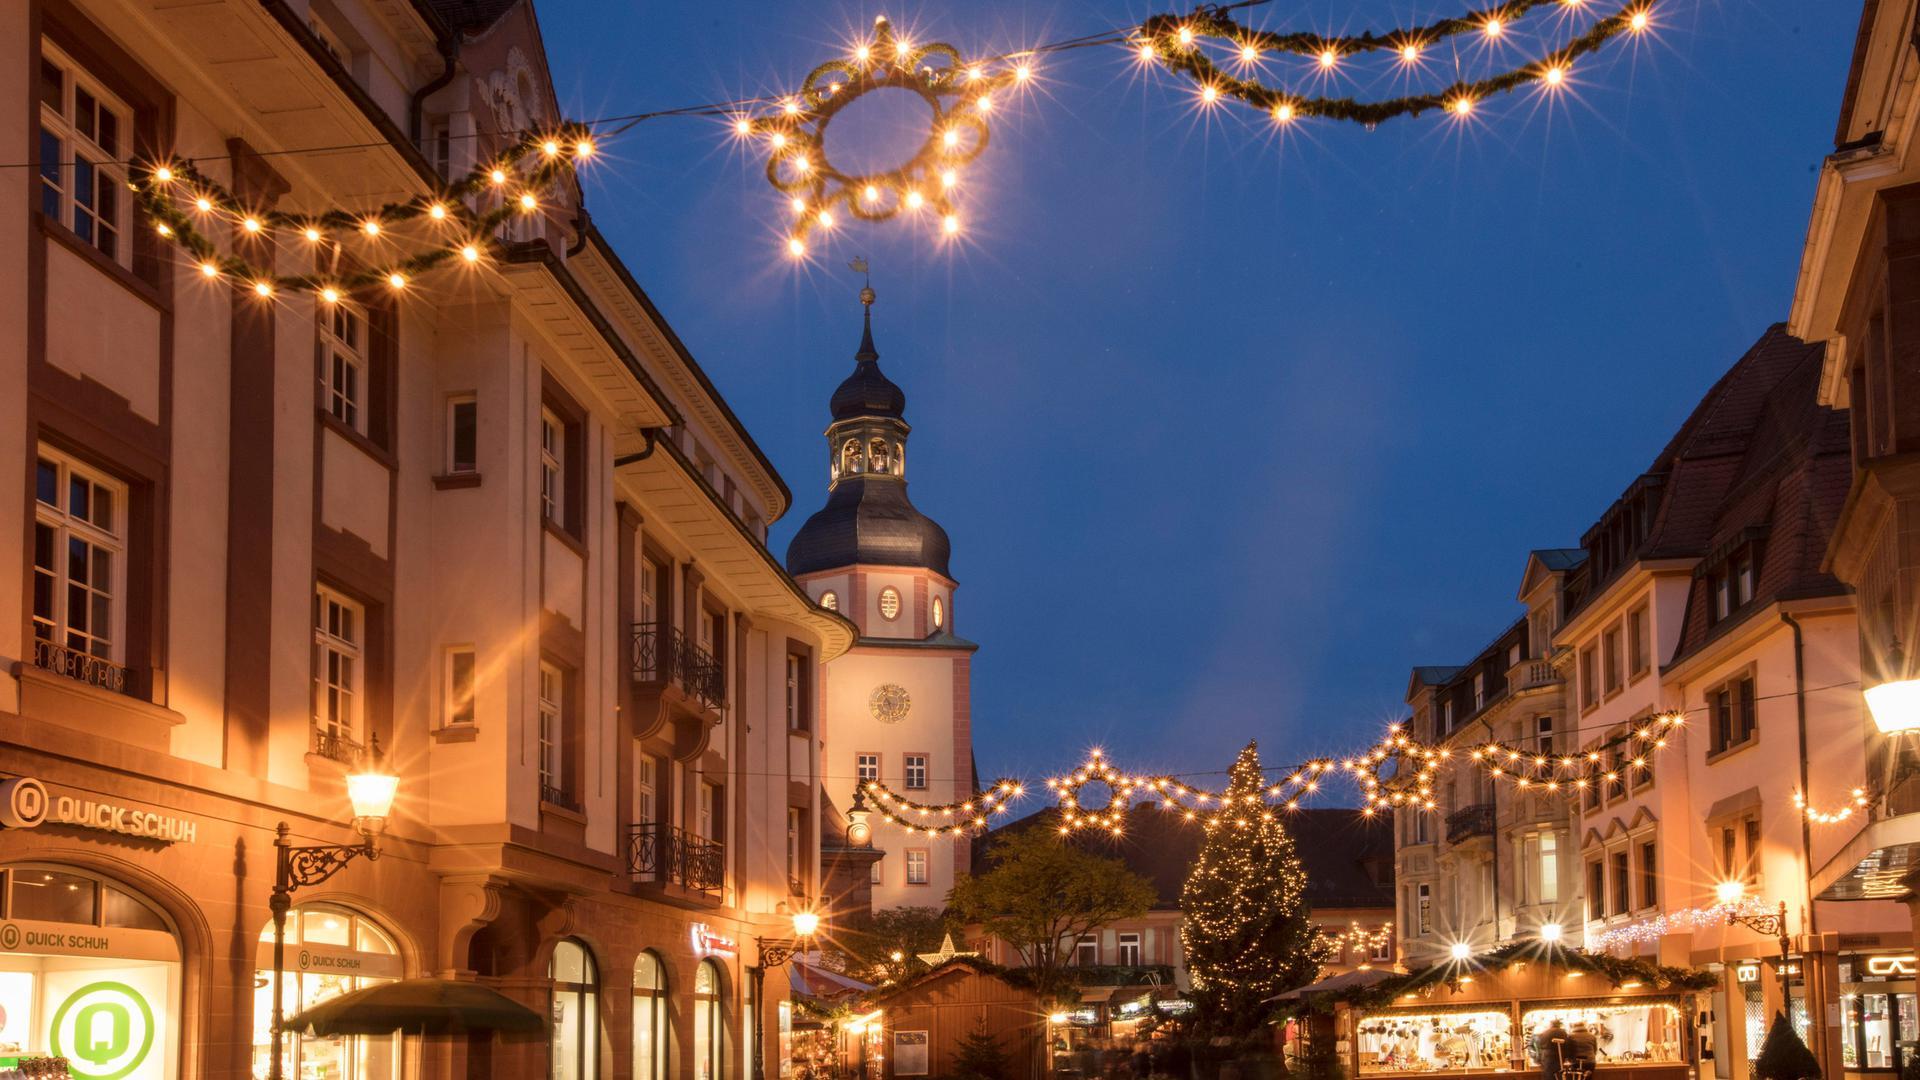 Sternlesmarkt Weihnachtsmarkt